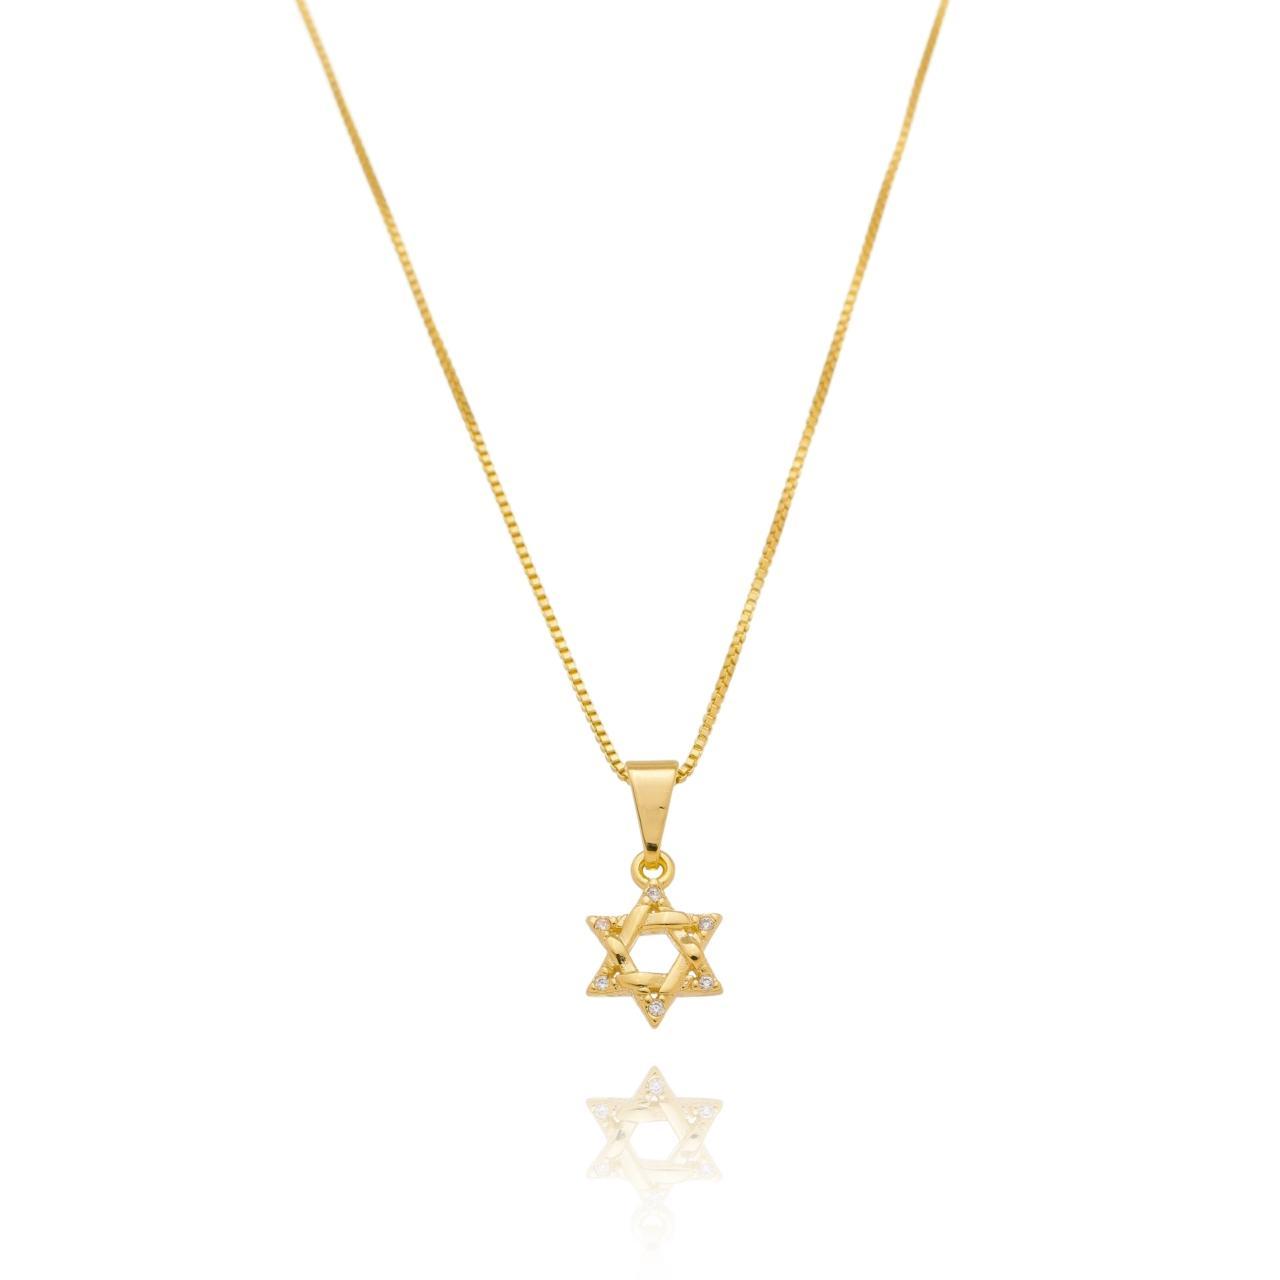 Colar Estrela de Davi com Zircônias Banhado em Ouro 18K